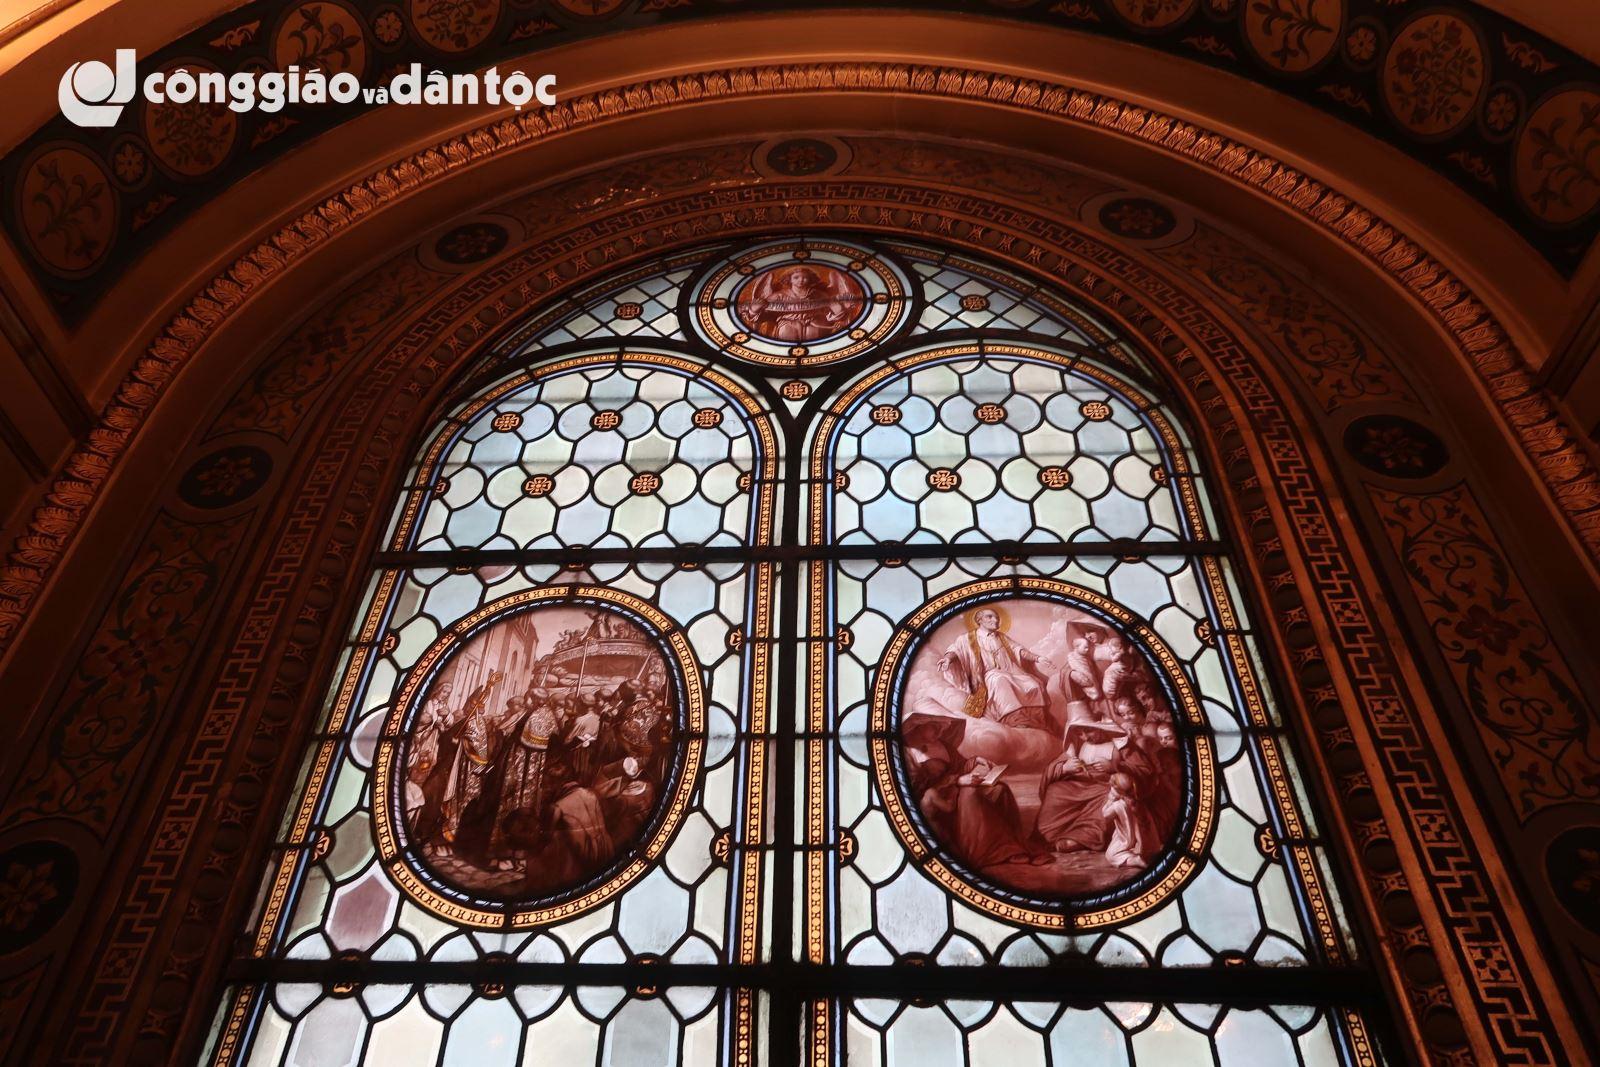 Viếng di hài thánh Vinh sơn Phaolô tại Paris - 13